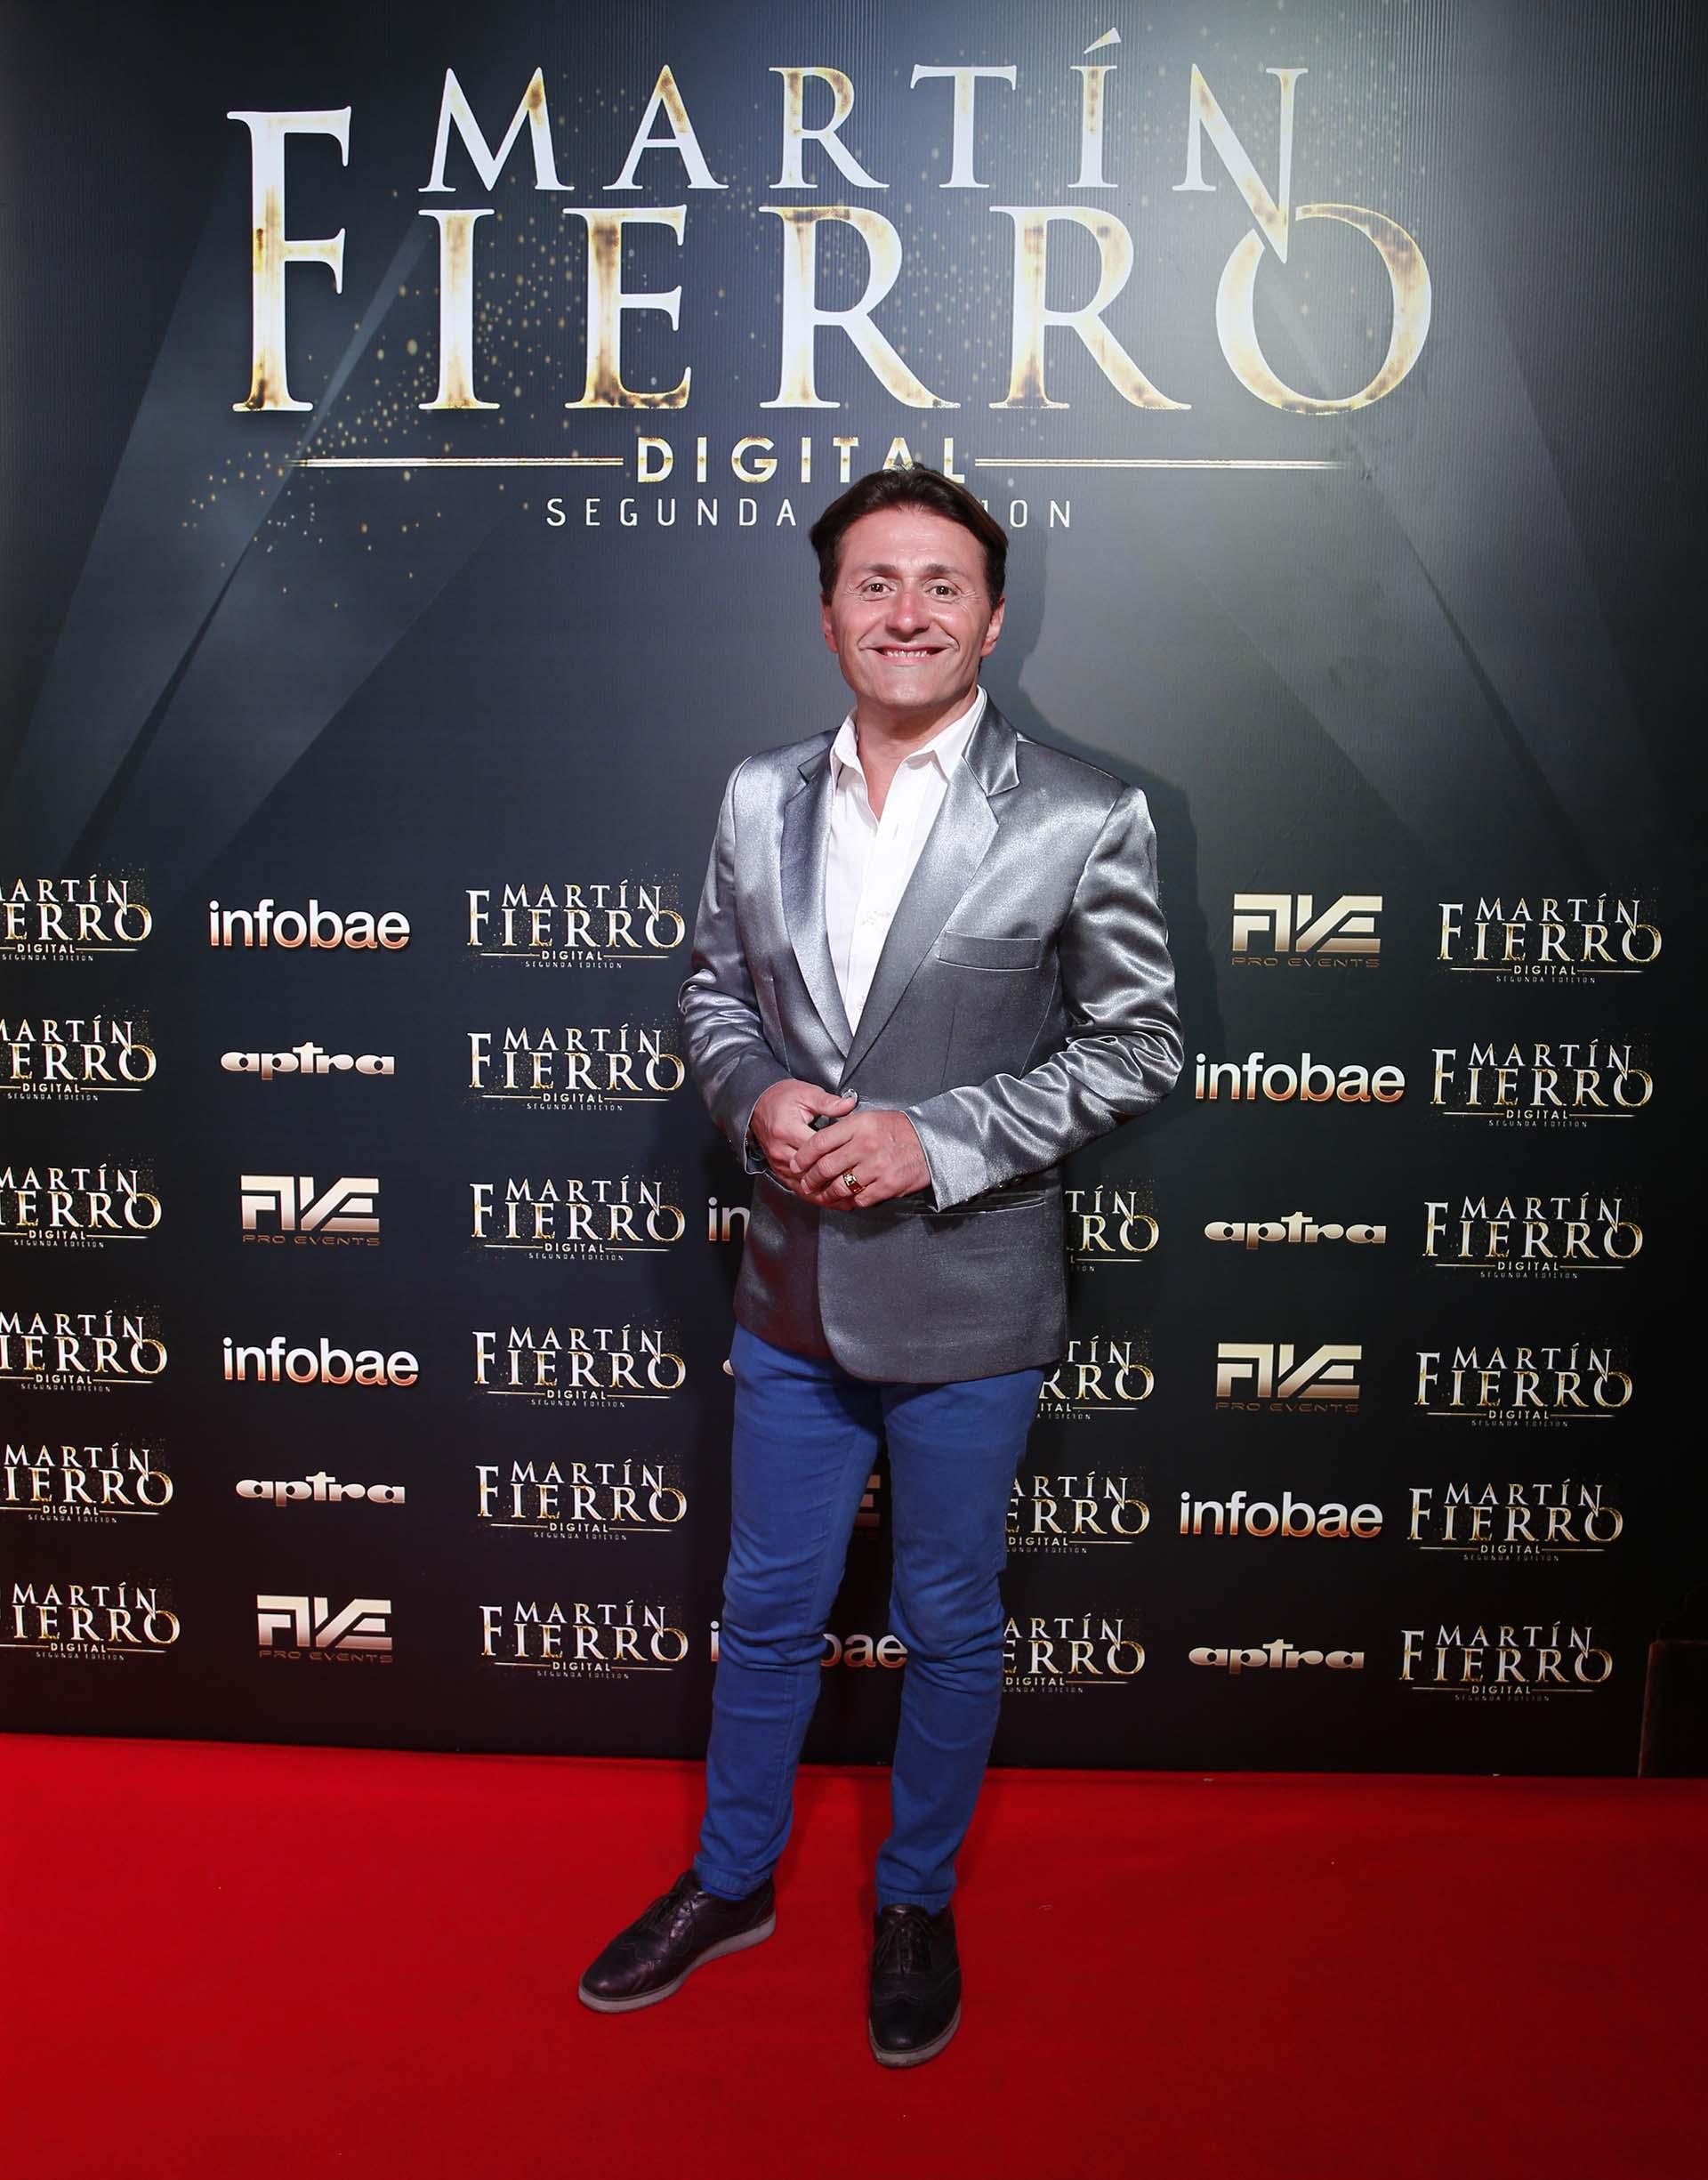 Daniel Gómez Rinaldi, metalizado. Saco en plateado, combinado con camisa blanca y pantalones azules y zapatos en bordó metalizado